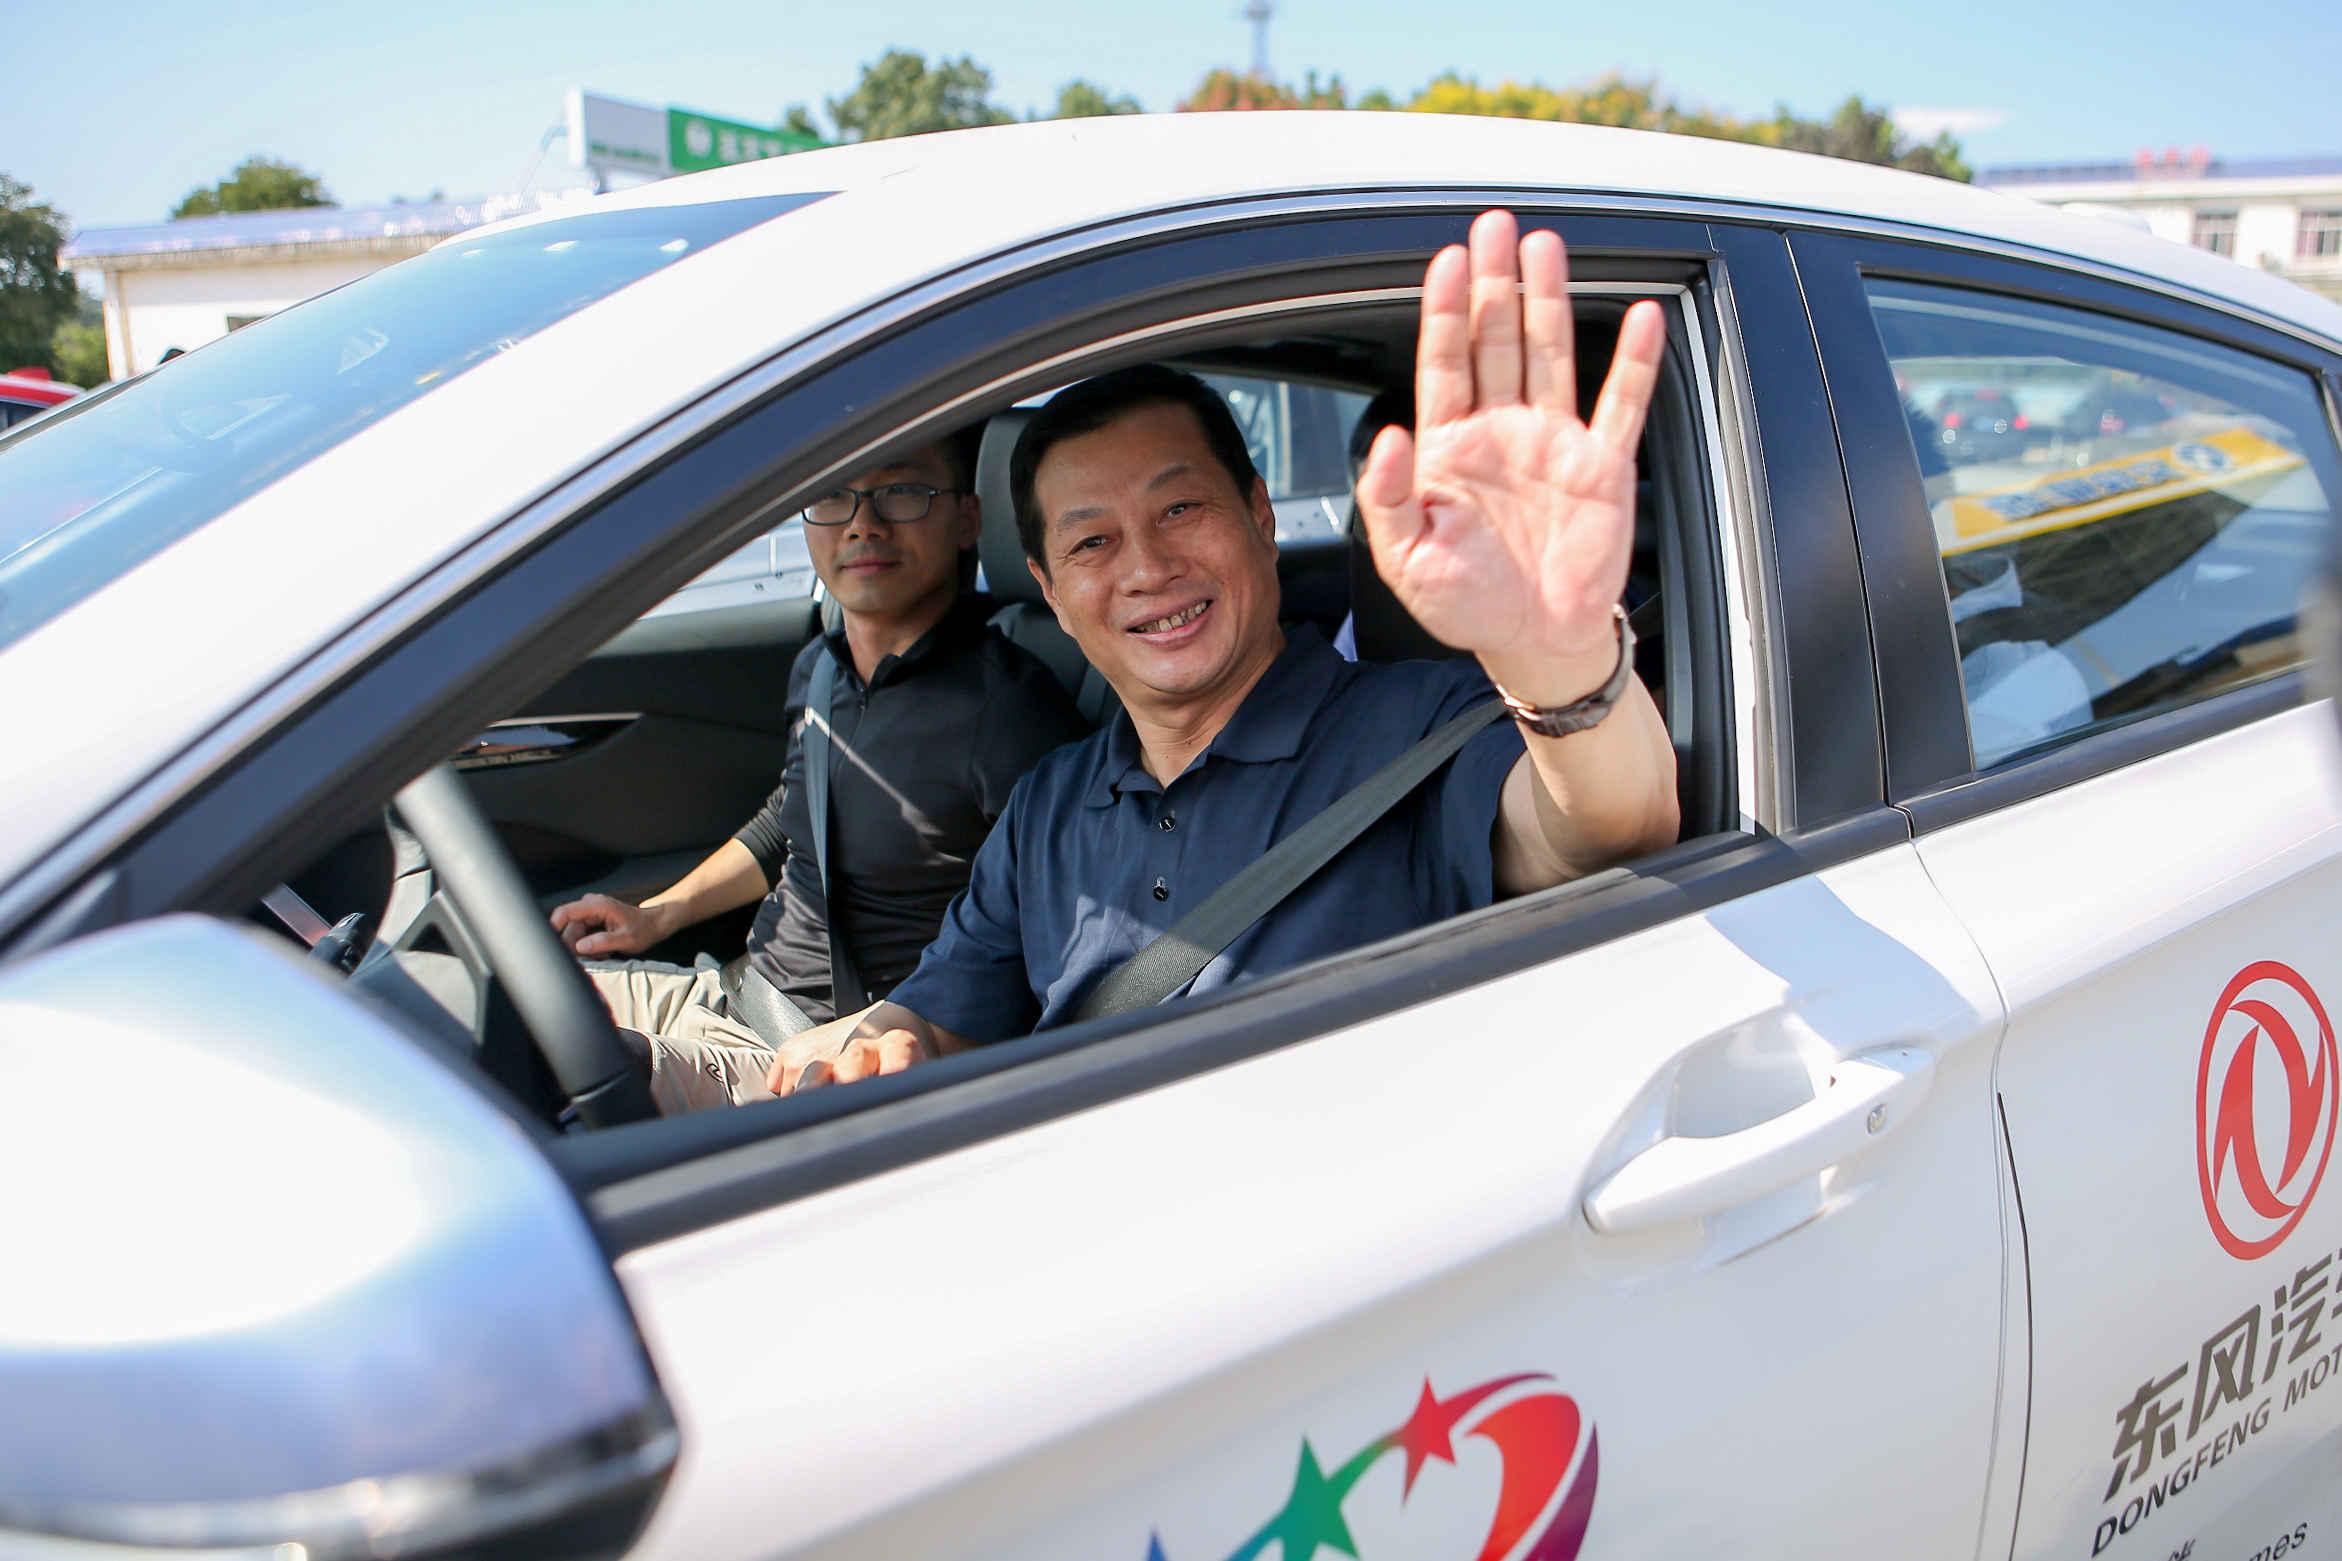 东风汽车集团有限公司董事长、党委书记竺延风试驾L3级自动驾驶奕炫通过汉十高速